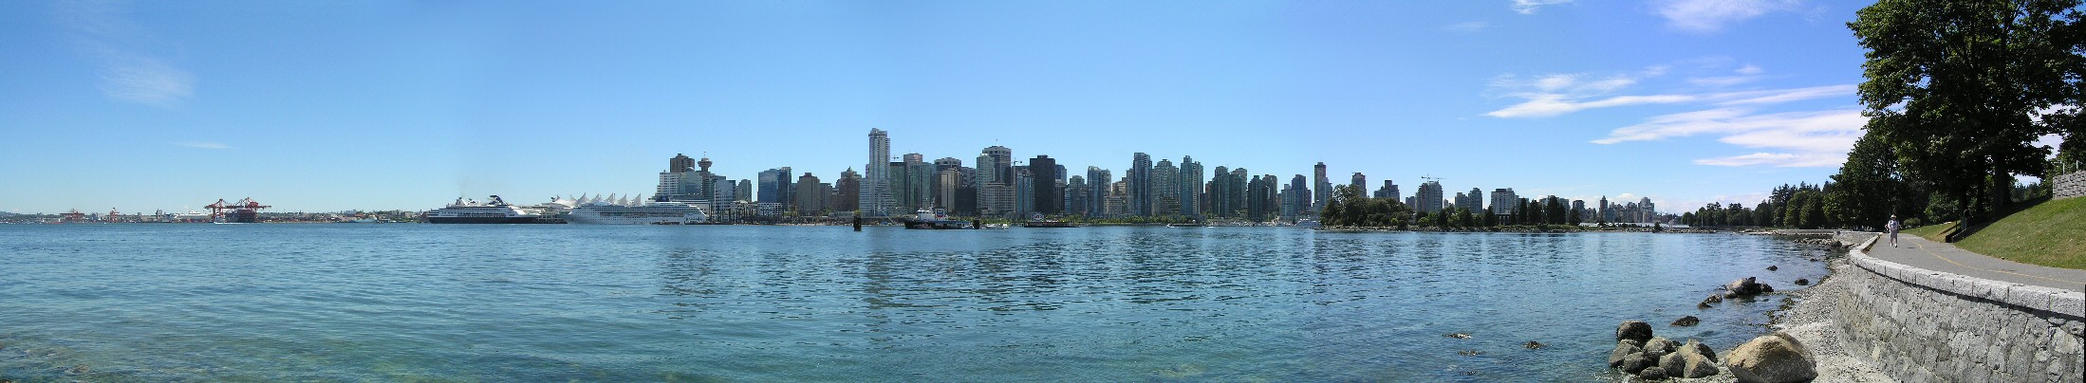 Vancouver skyline by Simarilius